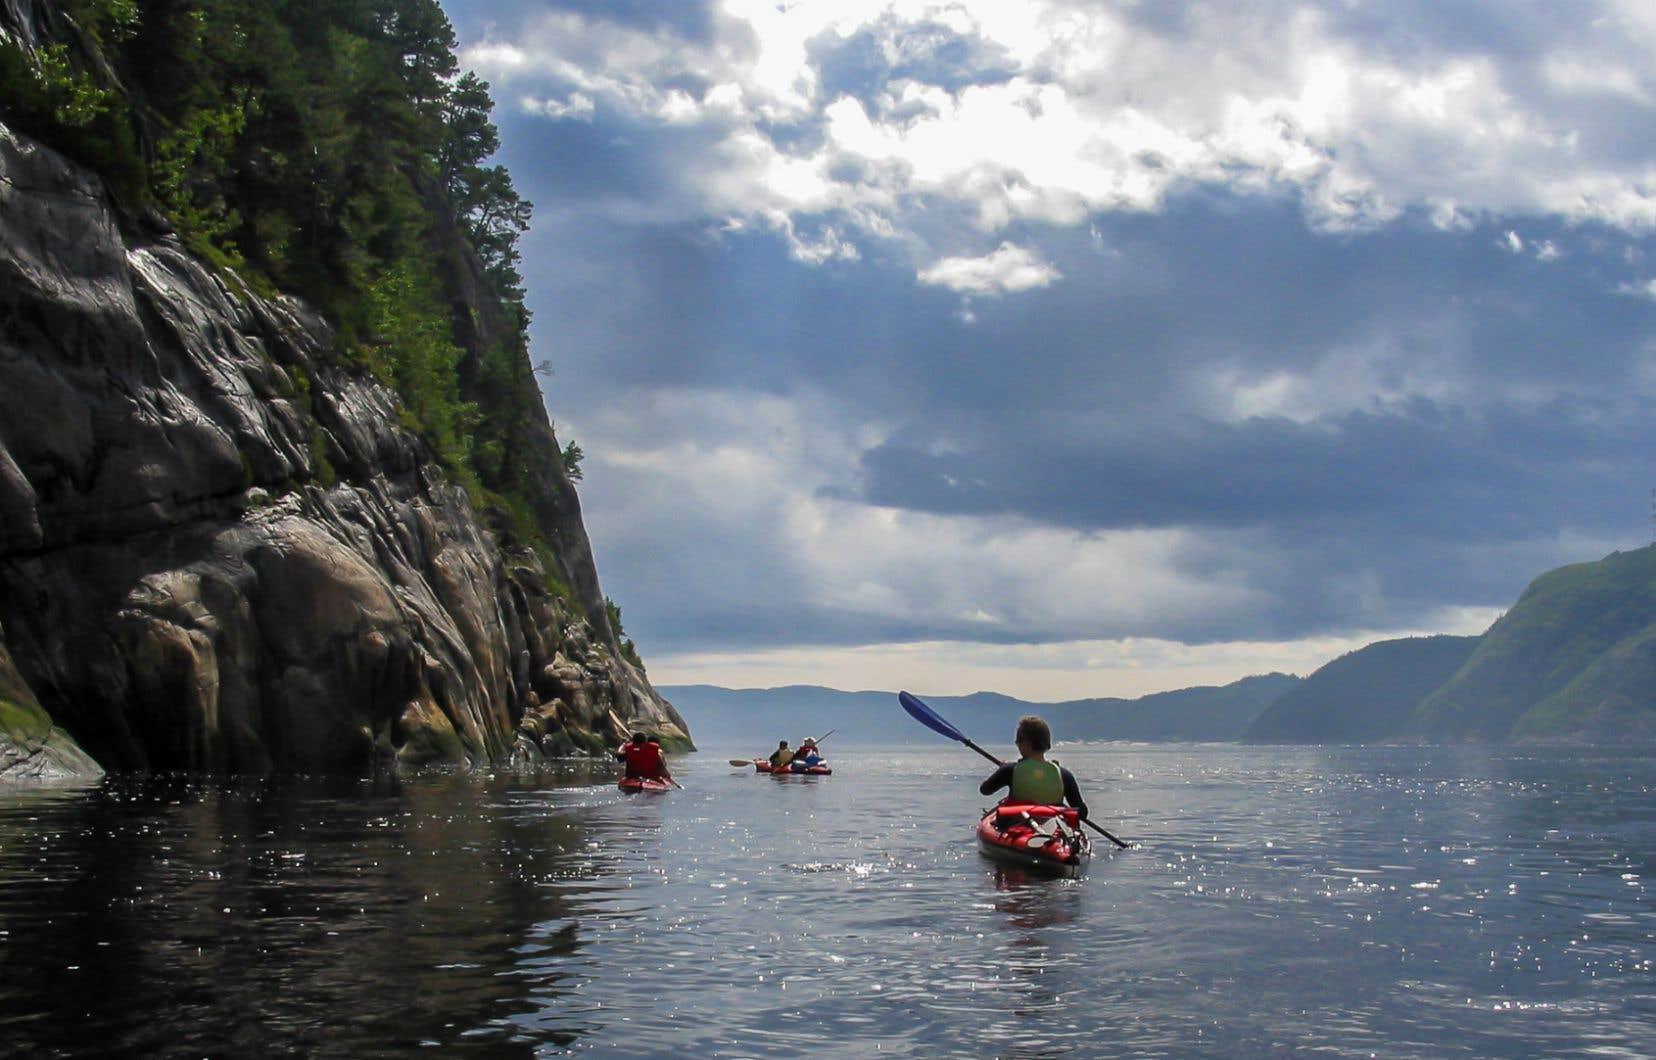 Le fjord du Saguenay, considéré comme l'un des plus beaux du monde.